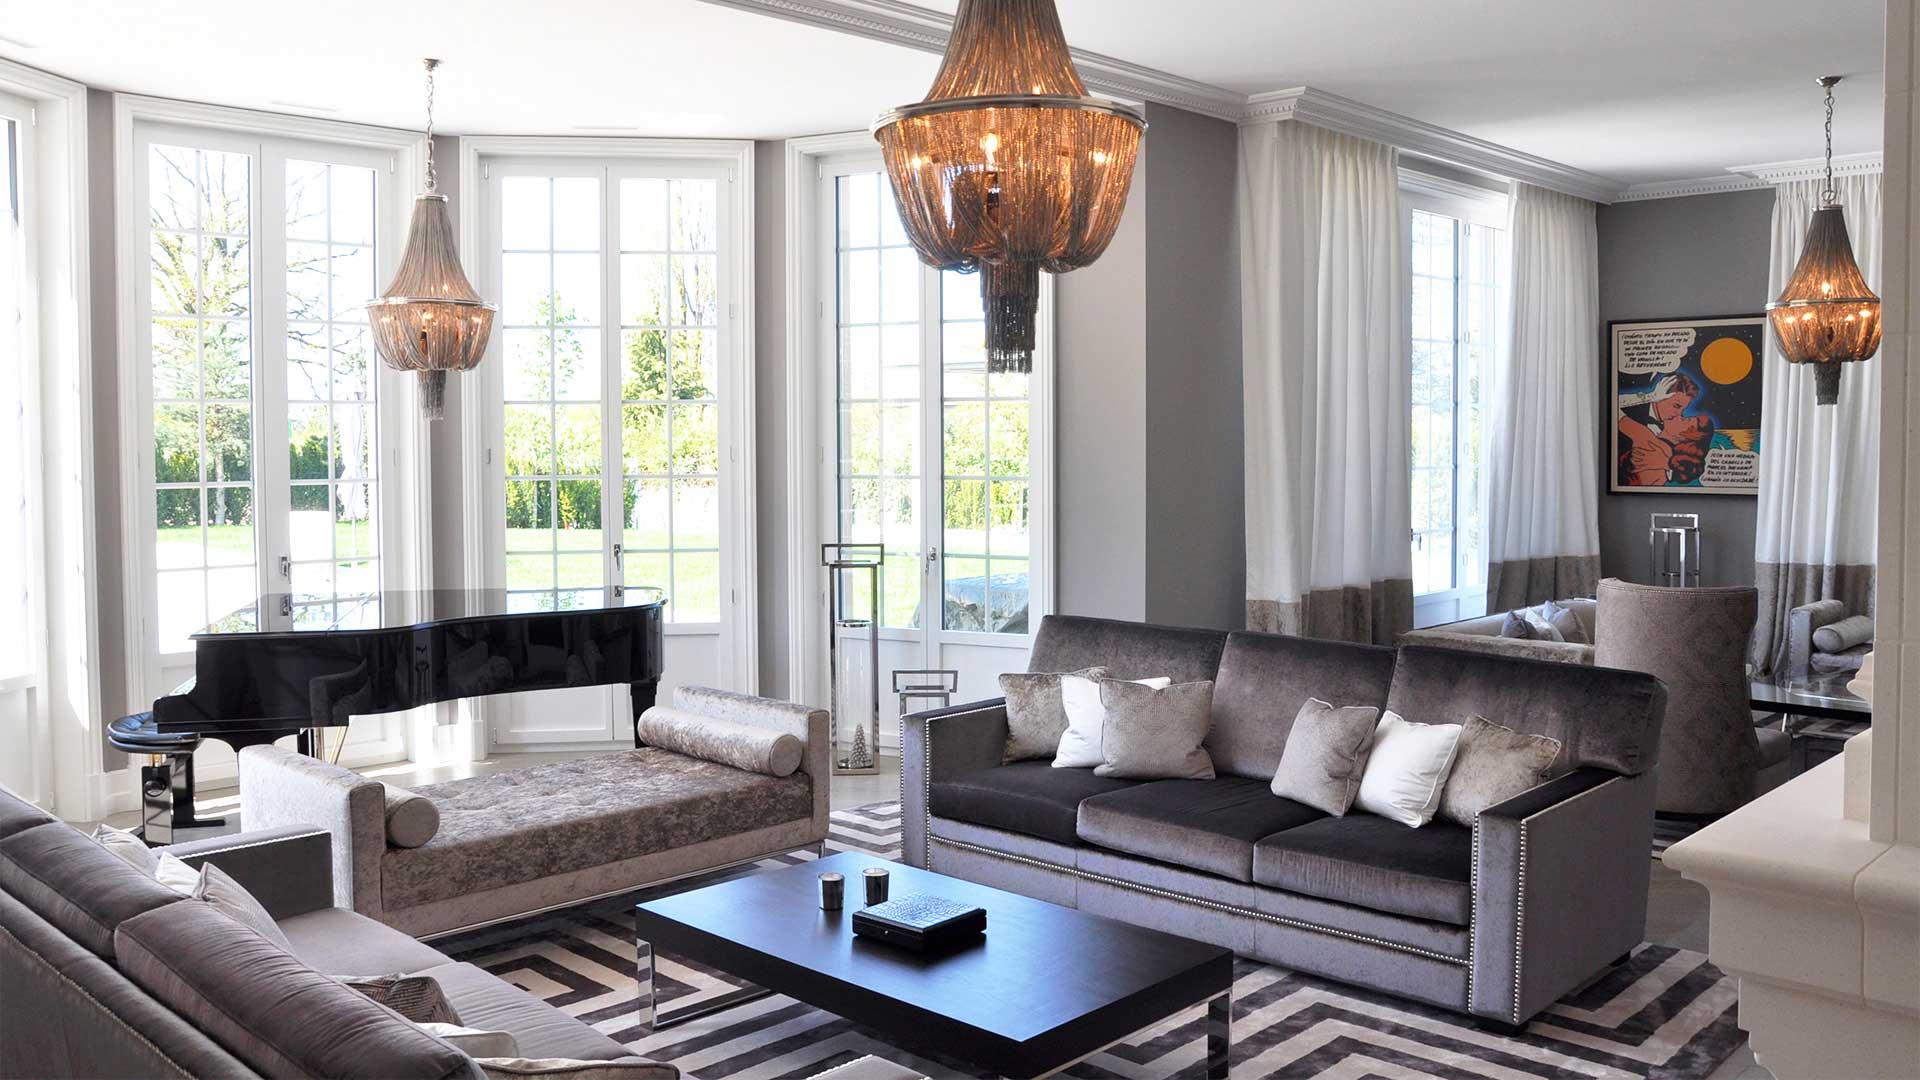 MANOR-RIVE-GAUCHE-GENEVA-03-Dome-interior-design-Geneve-Suisse